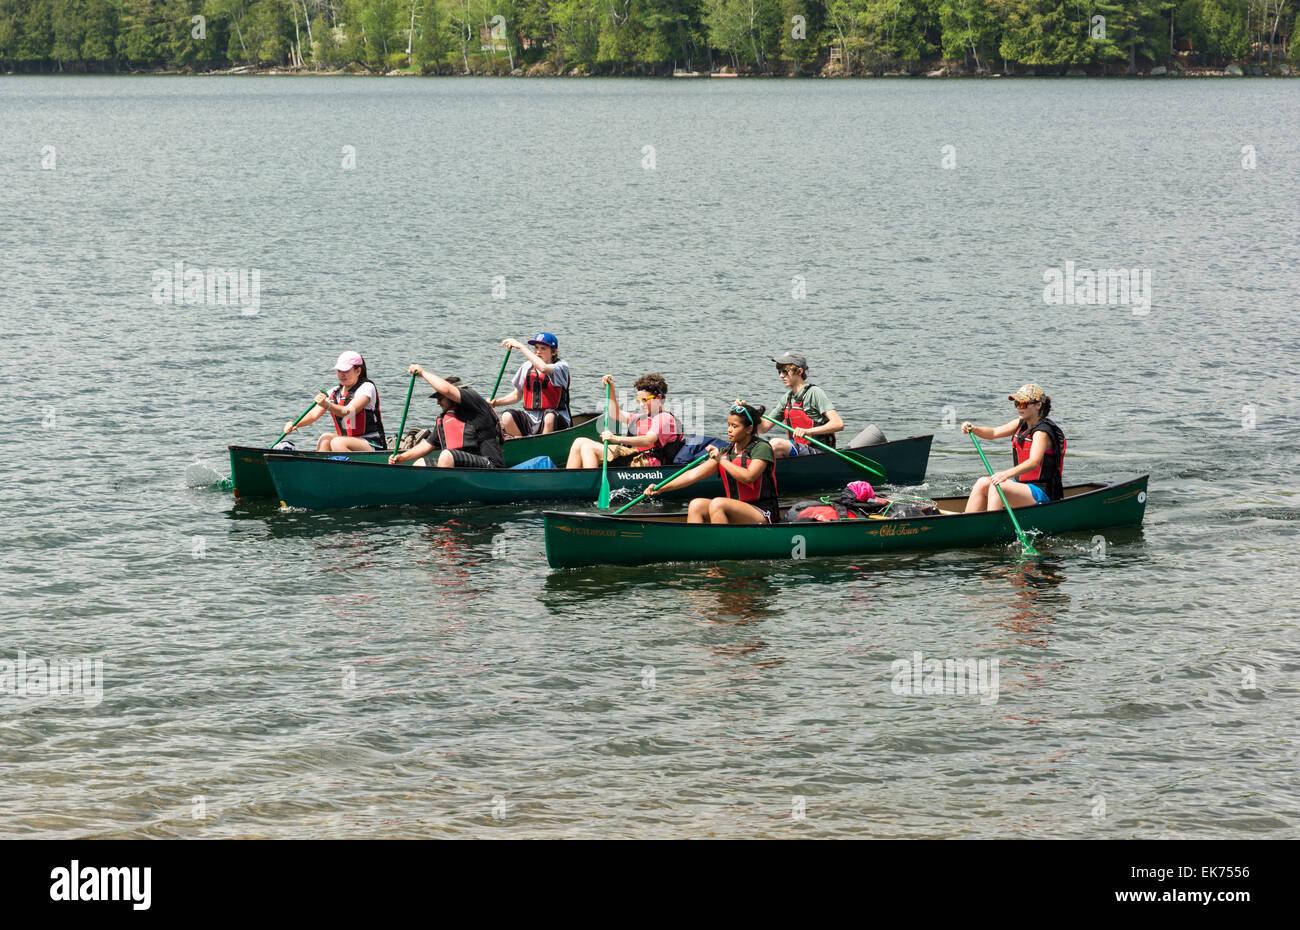 New York, Adirondack Park, canoes, canoeing, canoeist paddling, paddle - Stock Image